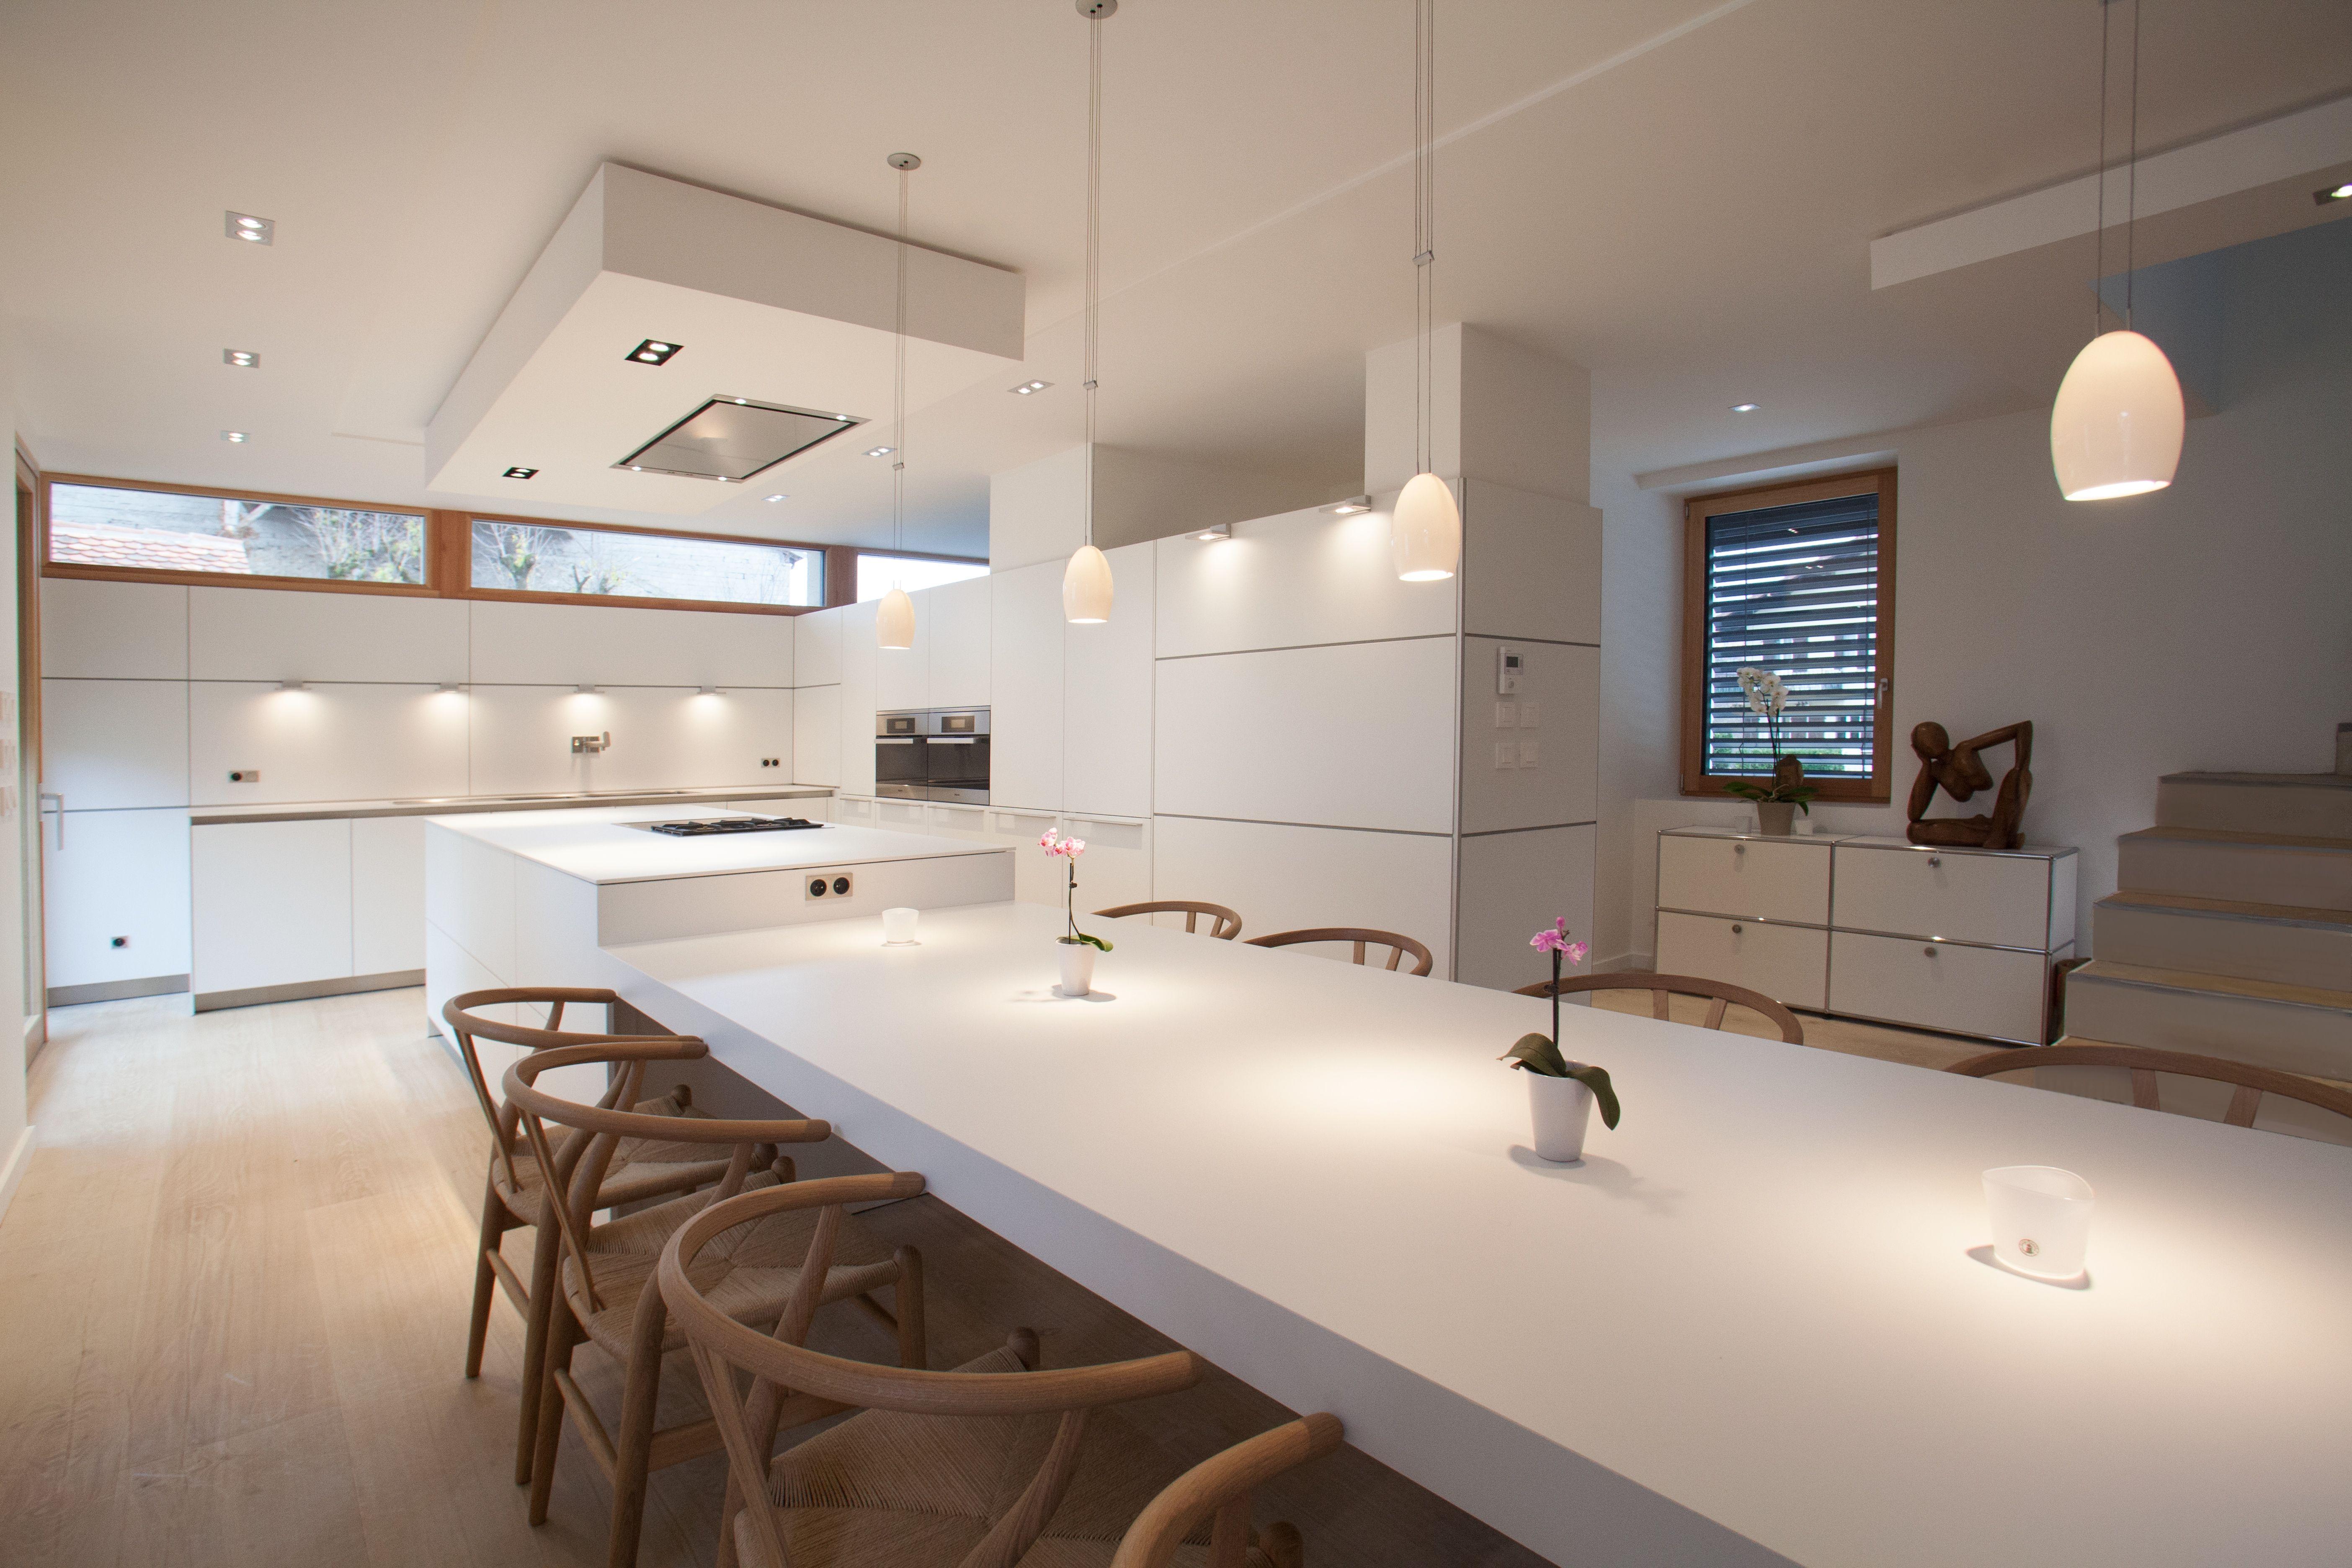 cuisine bulthaup b3 stratifié blanc table c2 chaise ch 24 carl